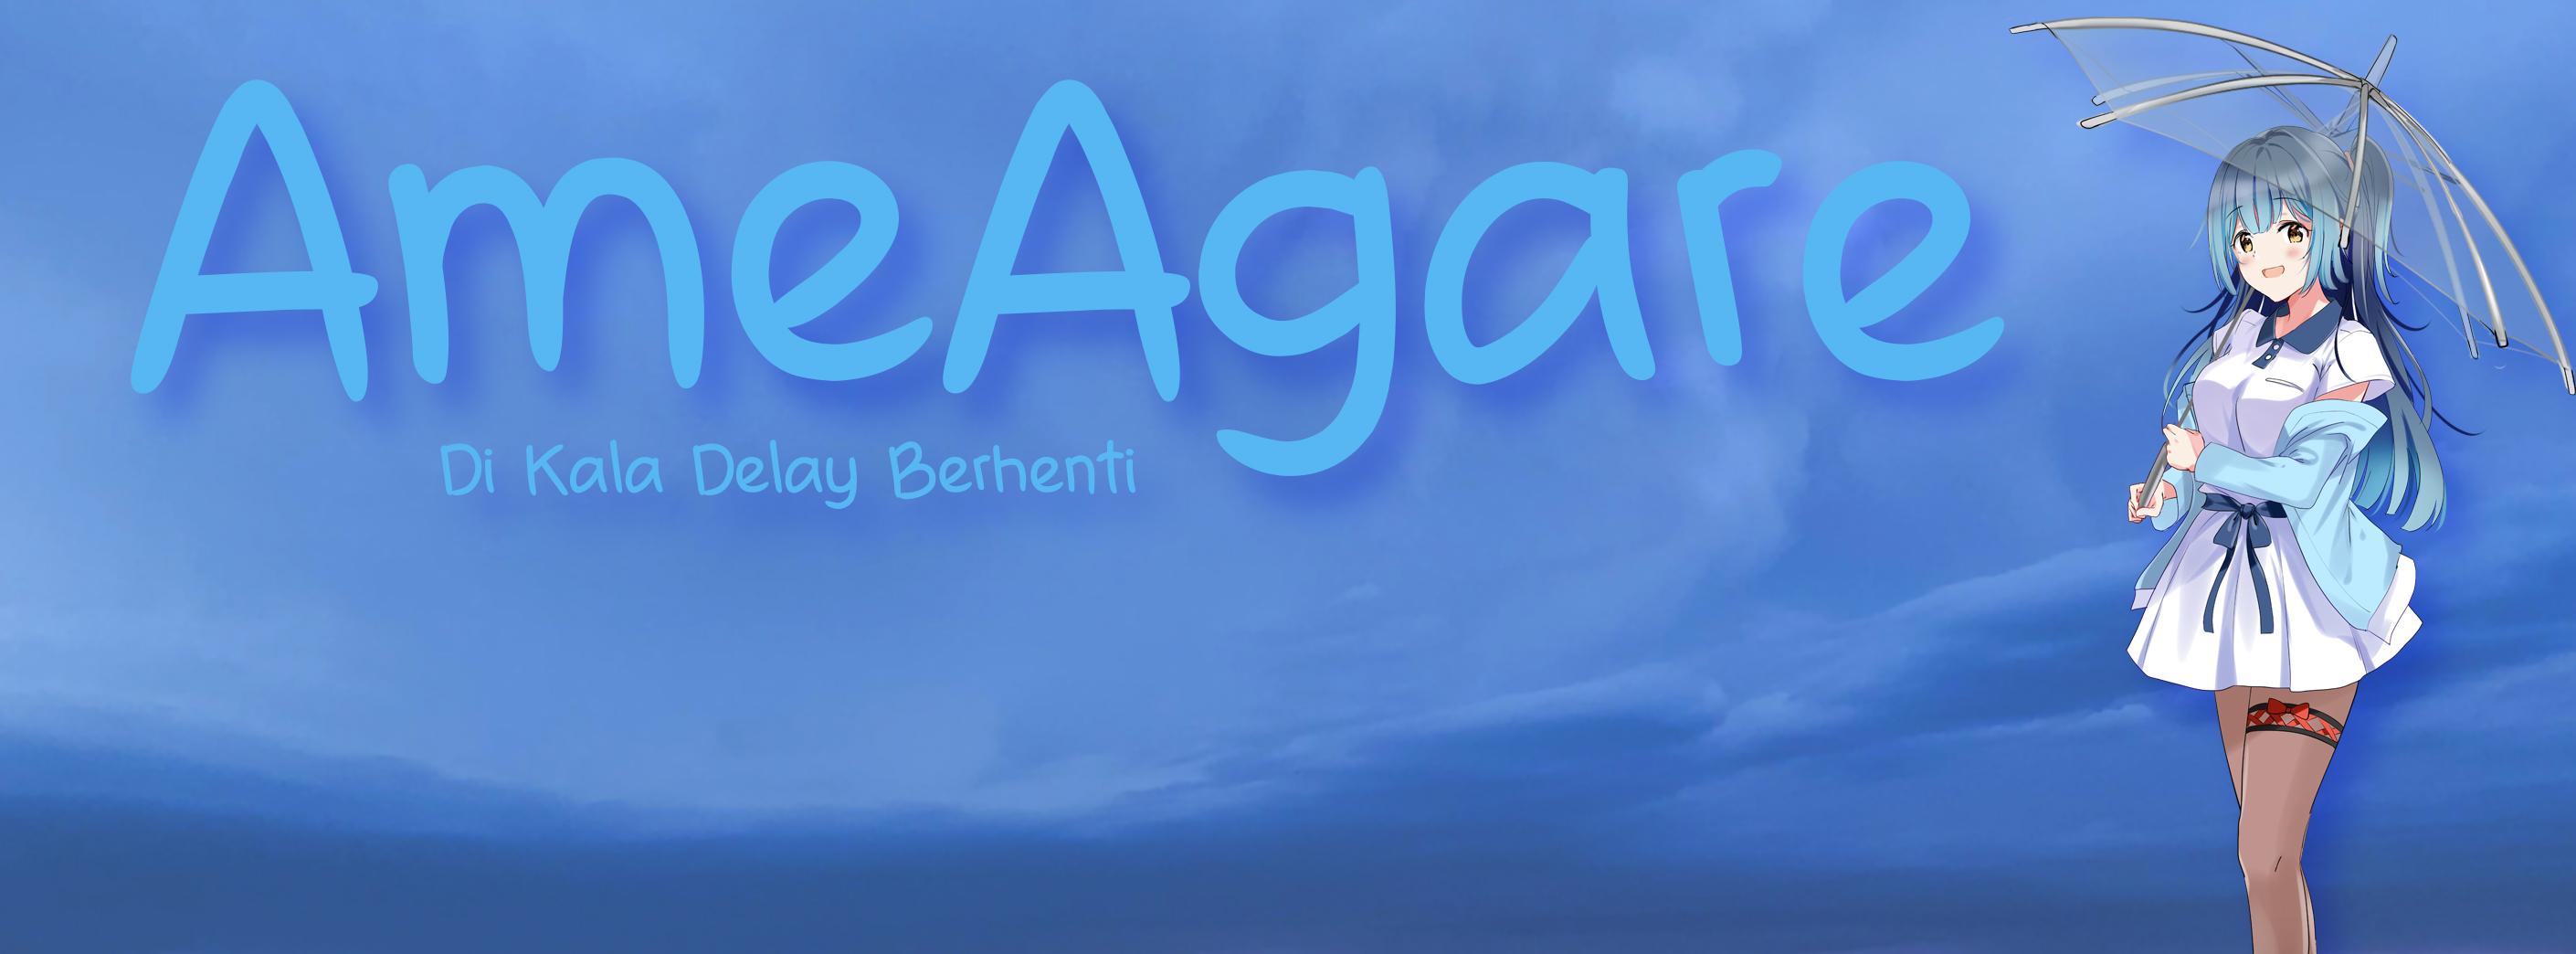 AmeAgare